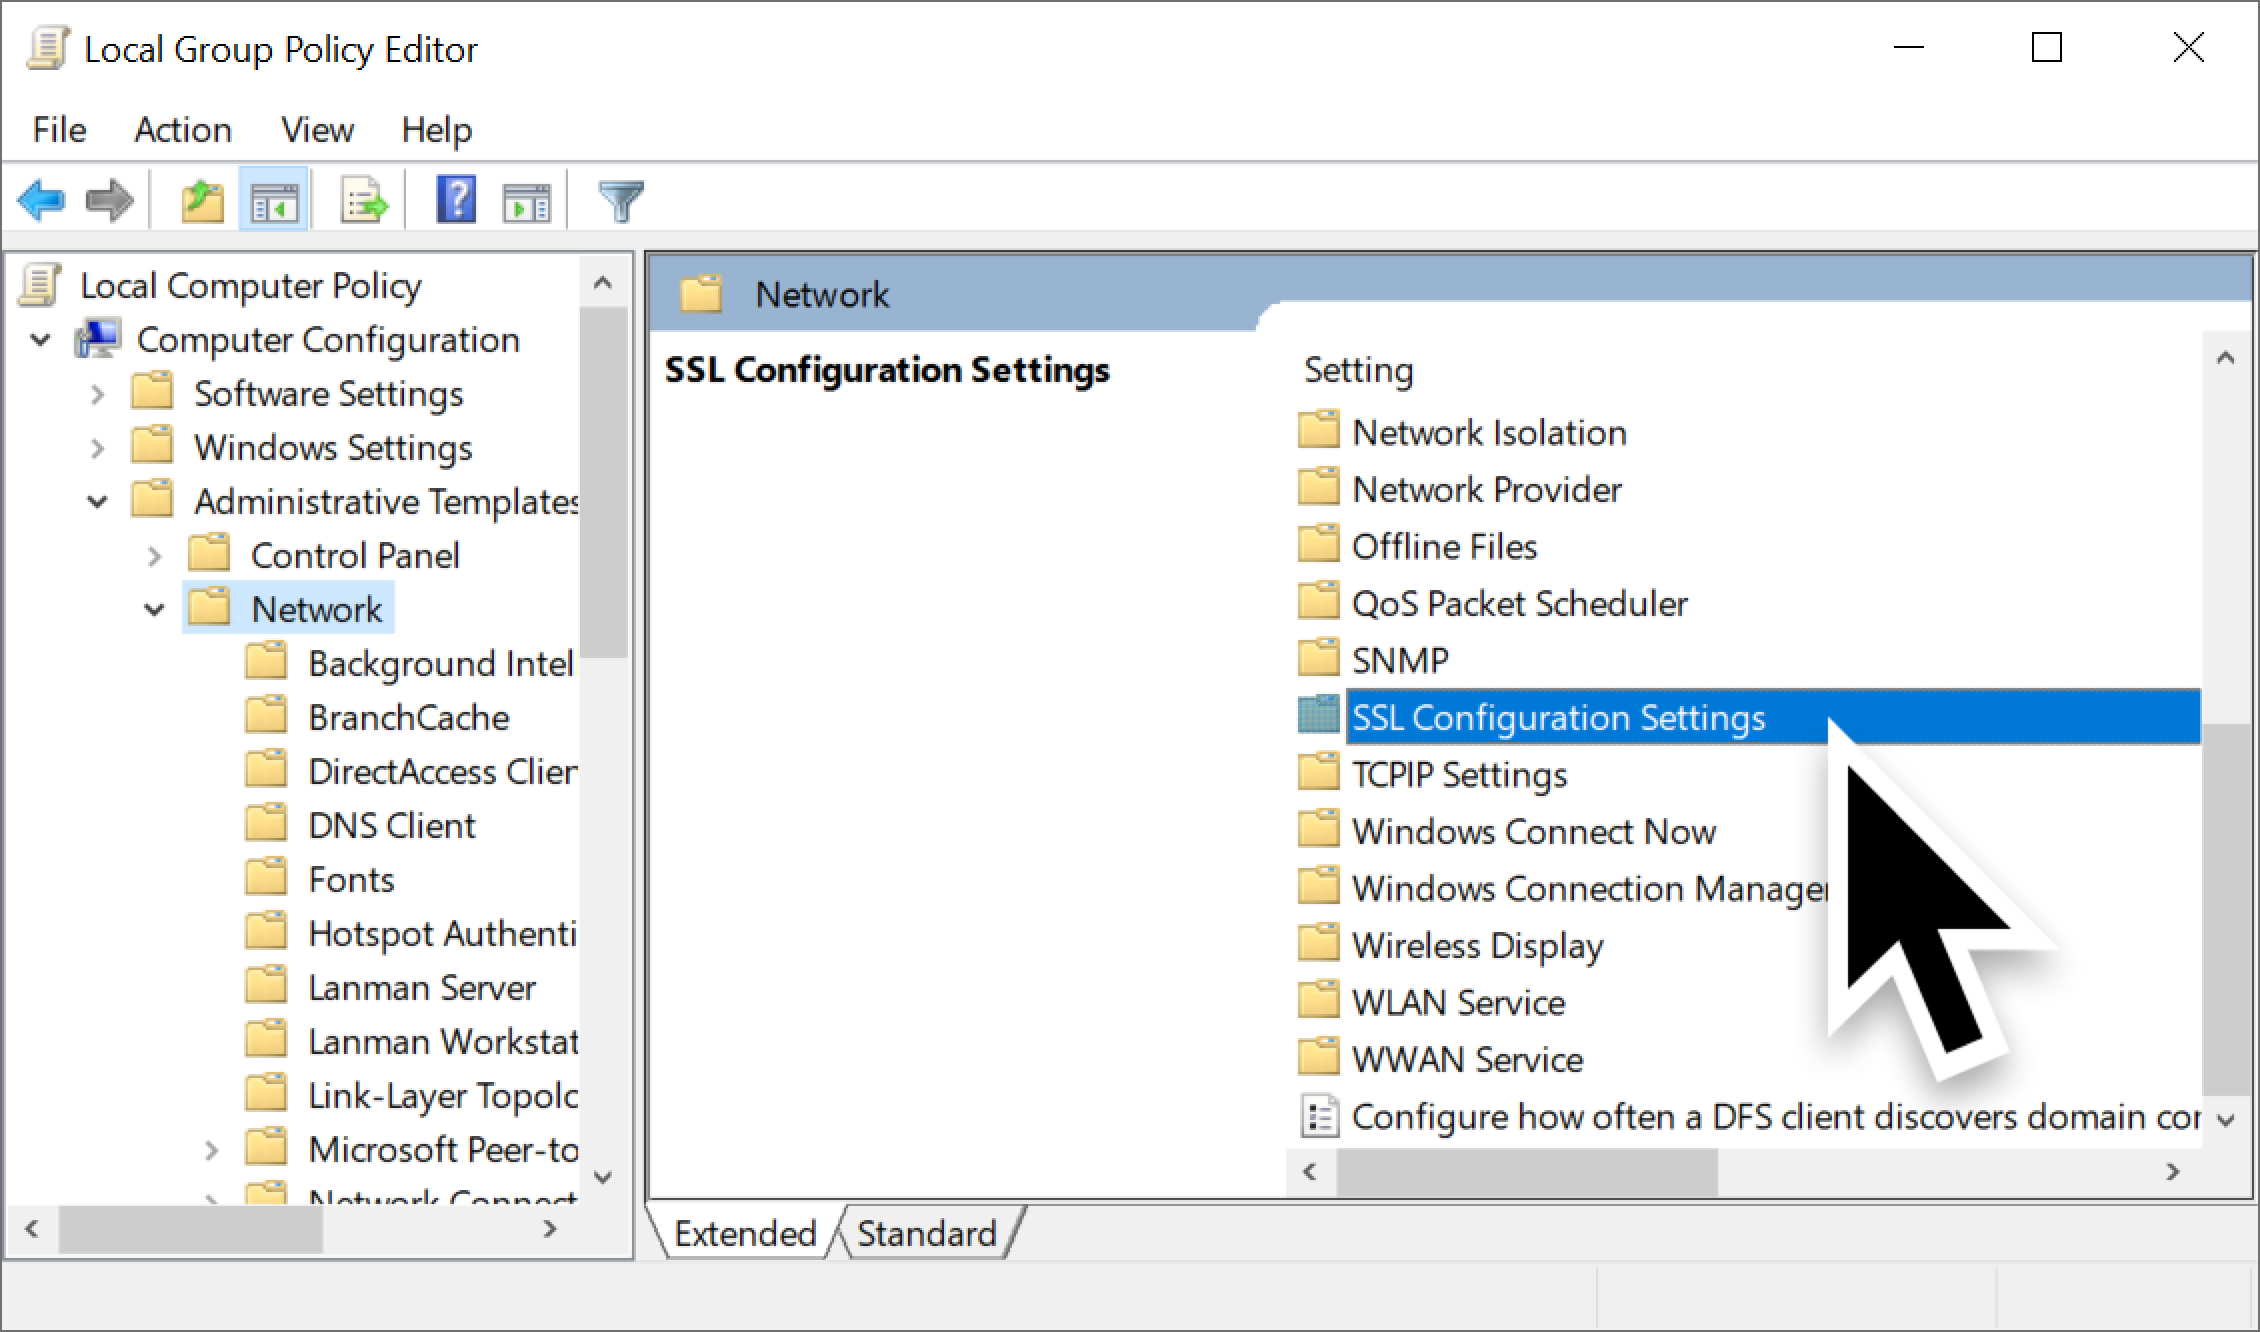 スクリーンショット内の大きい黒矢印は、ファイルシステム内の [SSL構成設定] の場所を示しています。